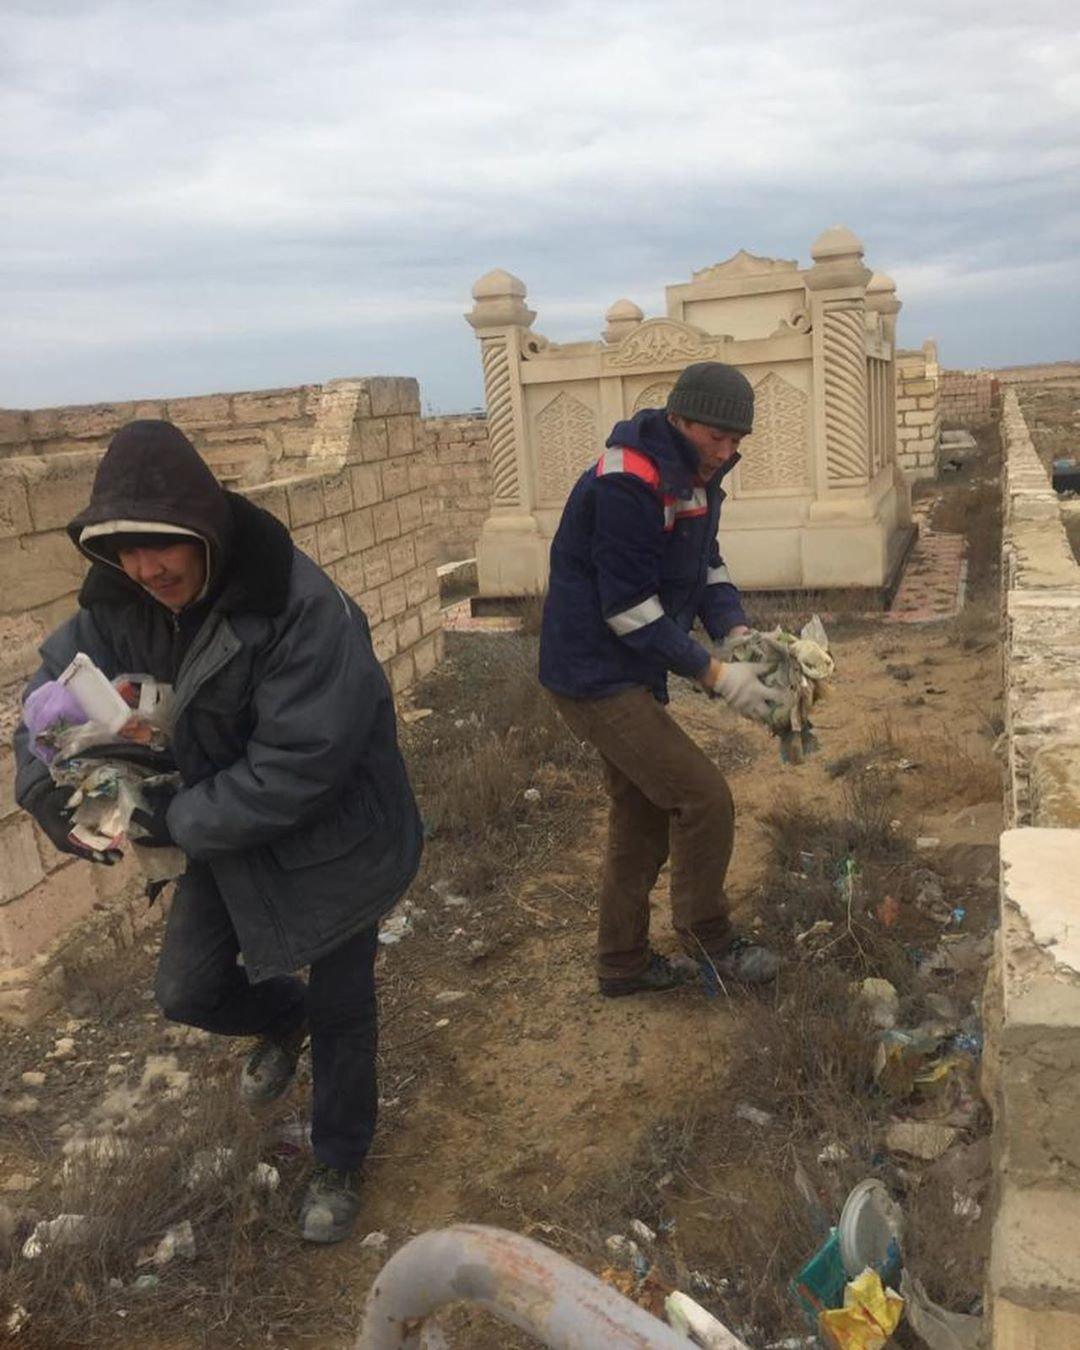 Аким Акшукура с волонтерами убрали мусульманское кладбище после жалобы жительницы, фото-2